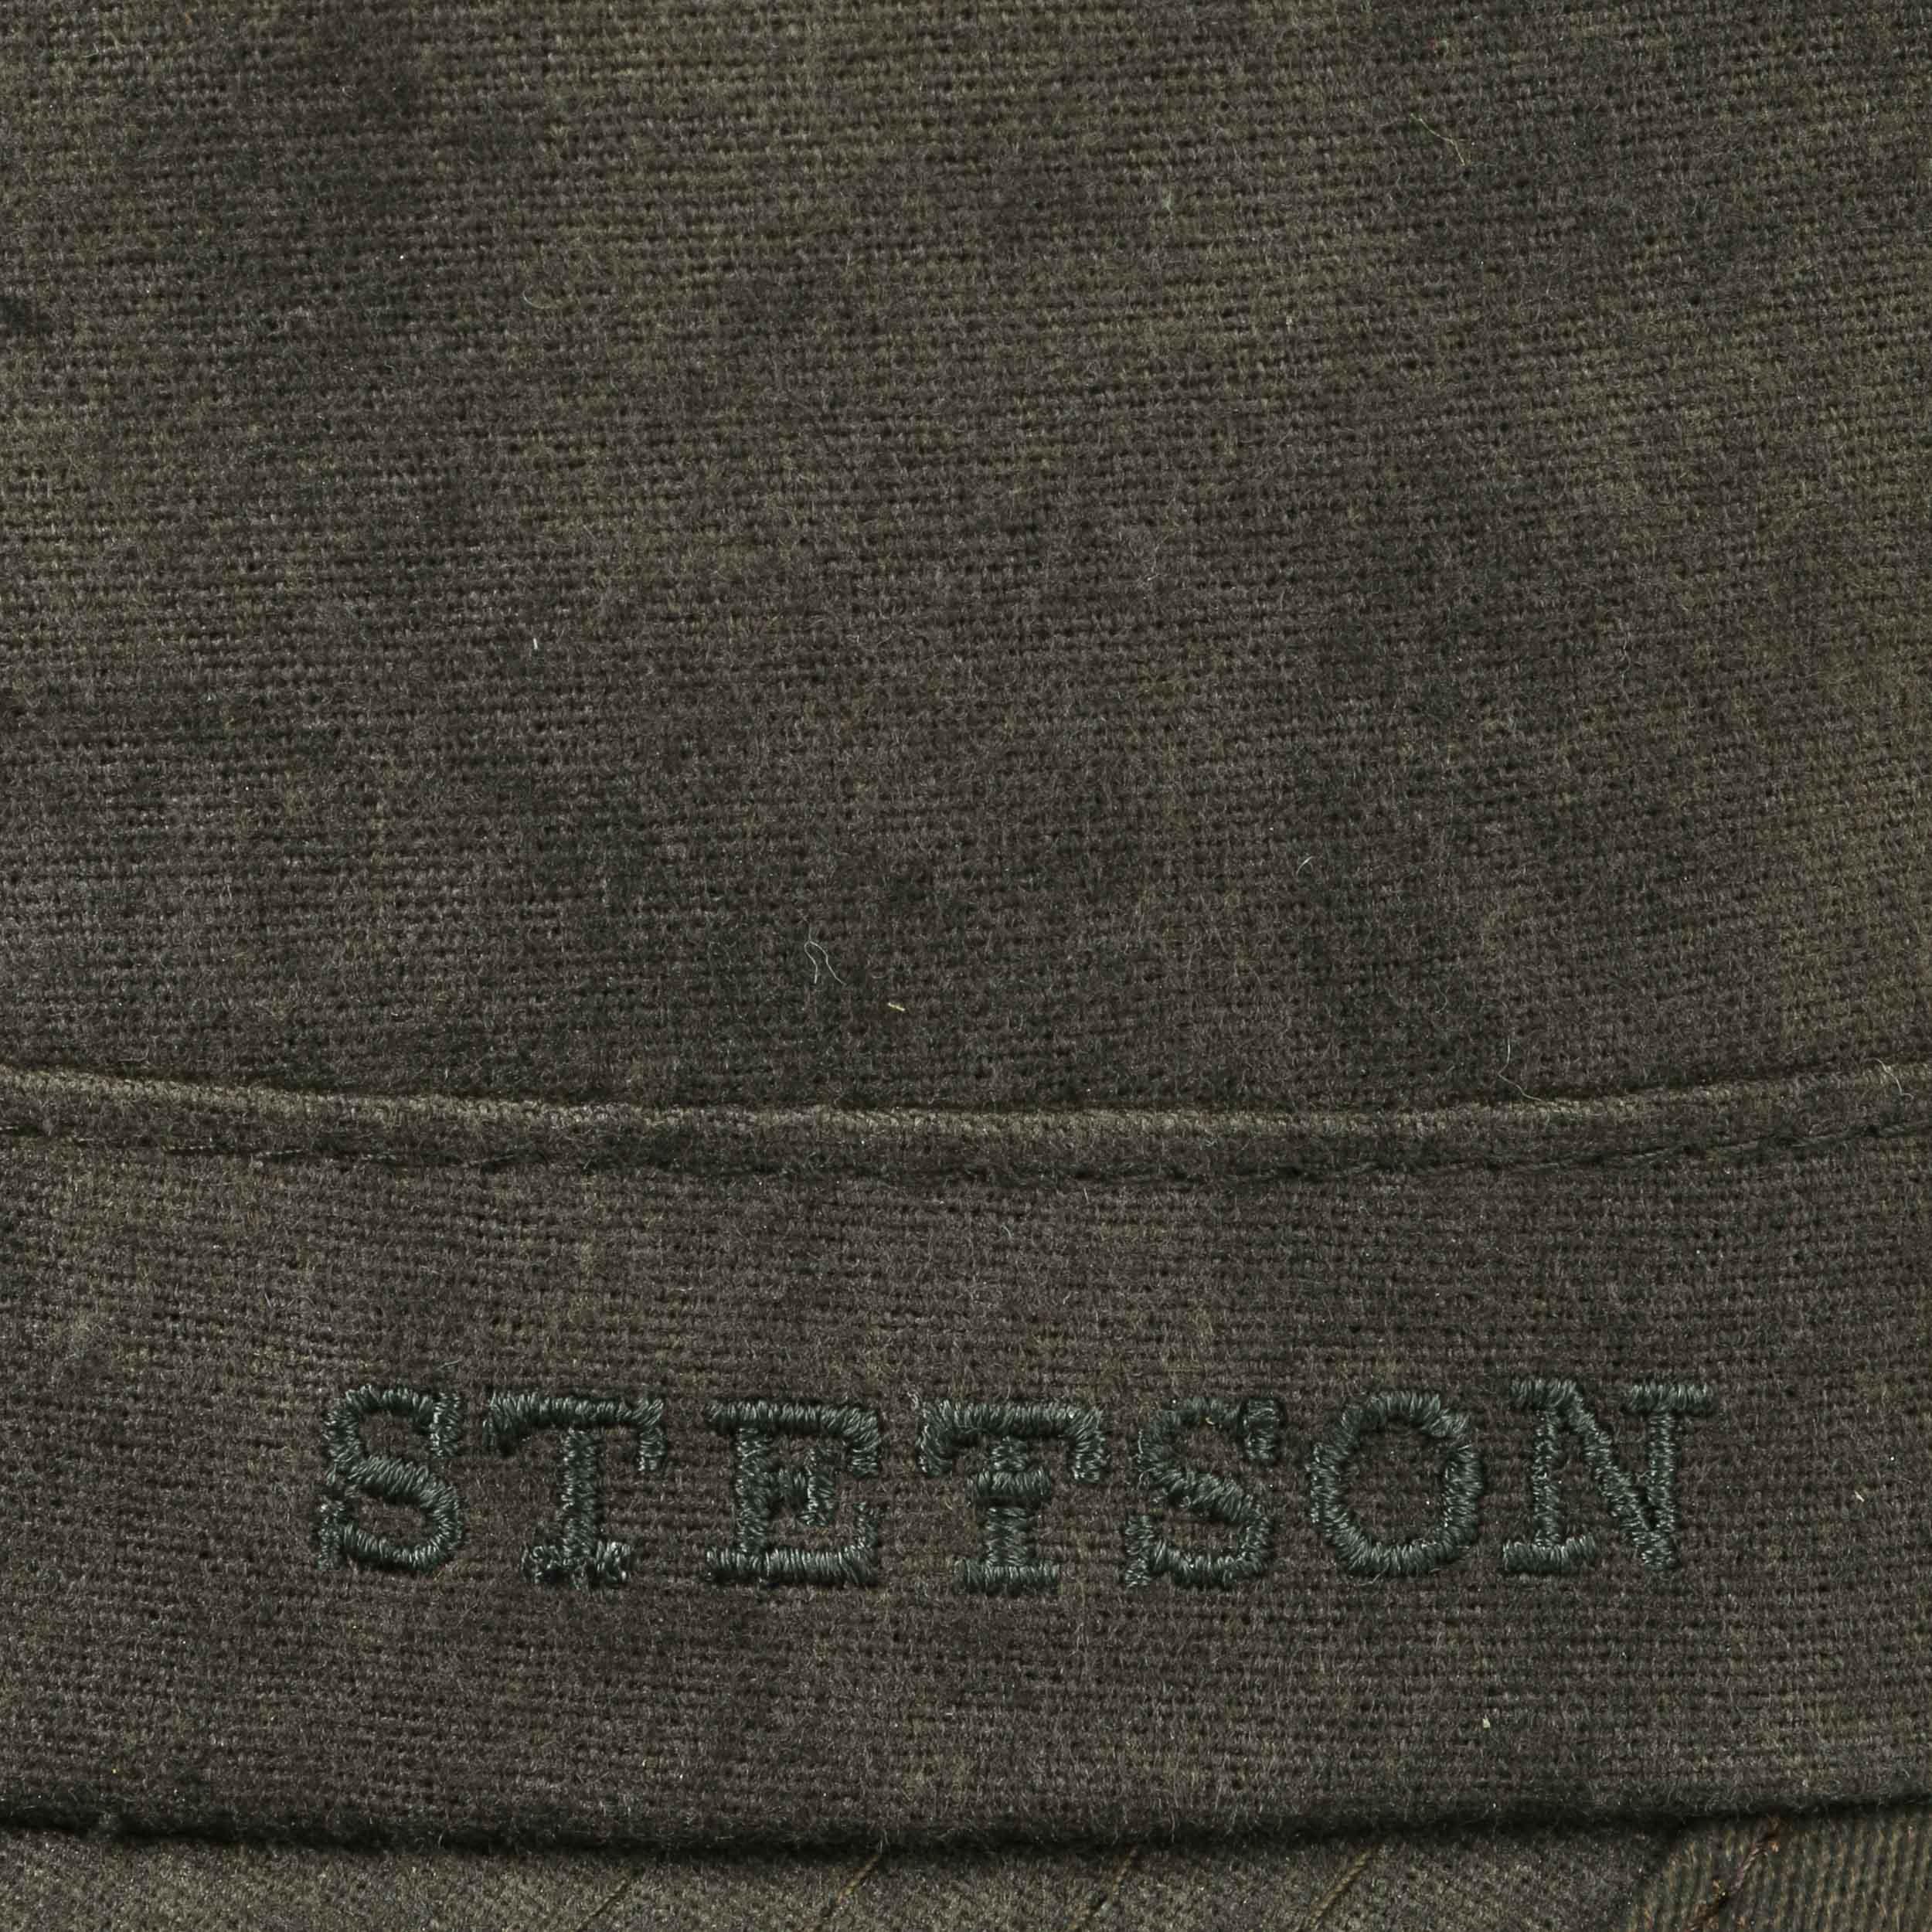 casquette katonah plain army by stetson eur 31 20 chapeaux casquettes et bonnets en ligne. Black Bedroom Furniture Sets. Home Design Ideas